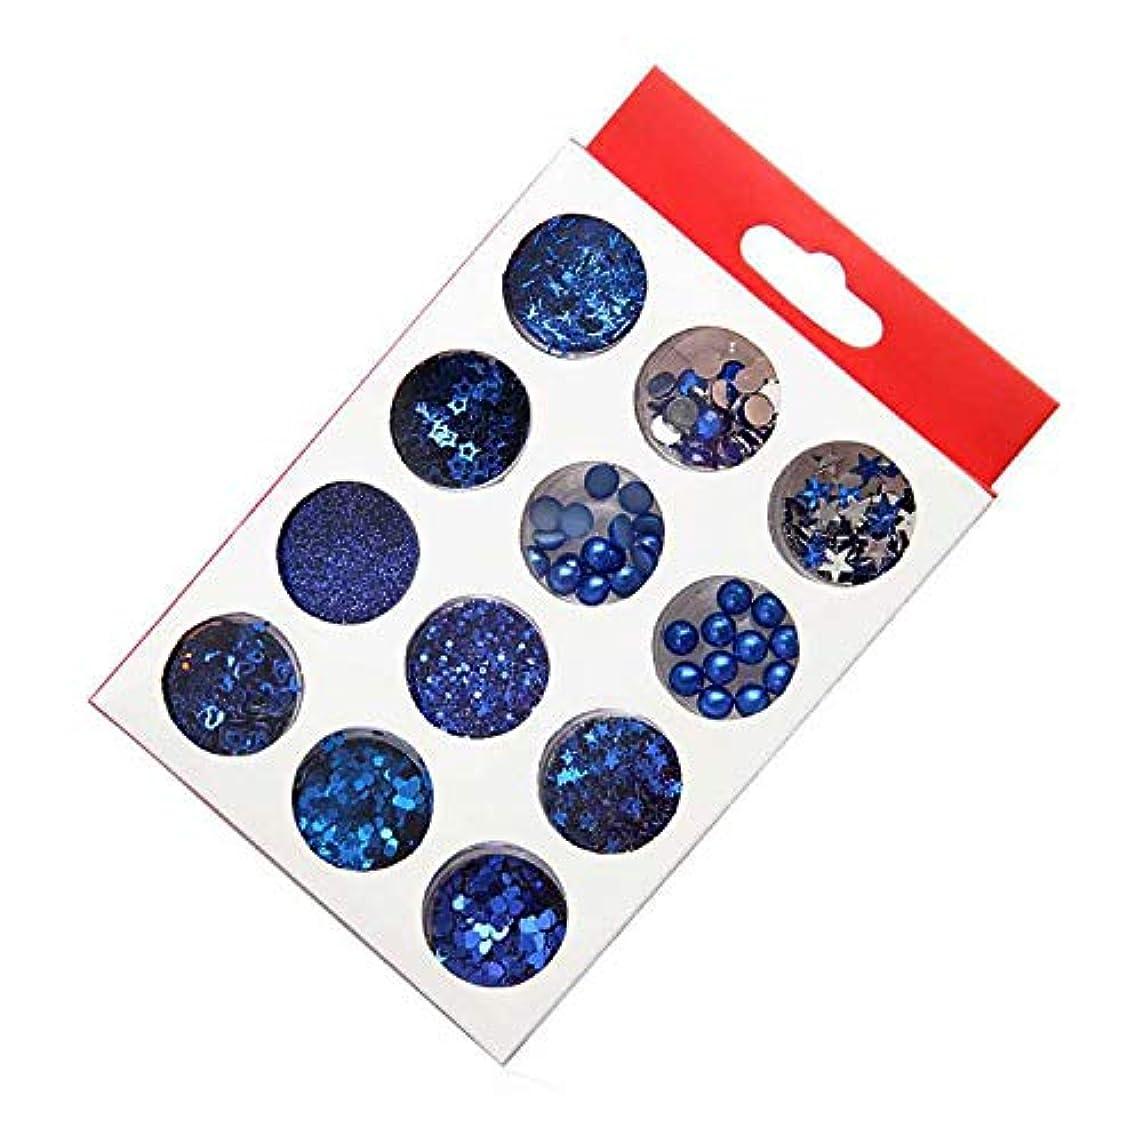 仲間回想流体12ピースレッドラウンドヘキサゴンネイルフレークキラキラスパンコールキラキラホログラフィック装飾アート,dark blue